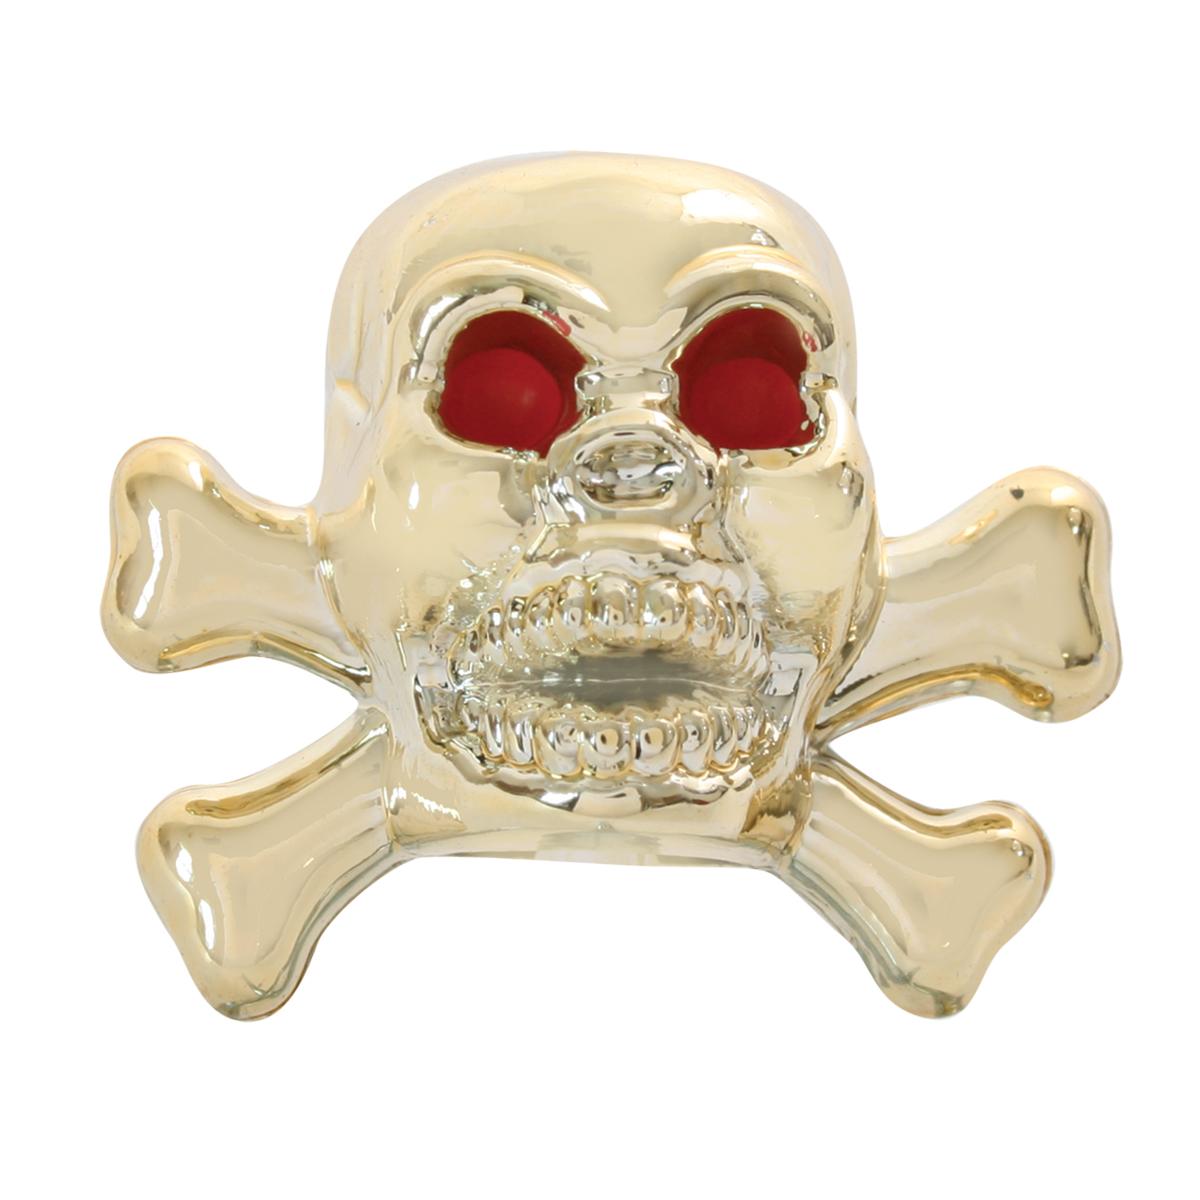 #93405 18K Gold Plated Skull Tire Valve Stem Cover w/Red Eyes